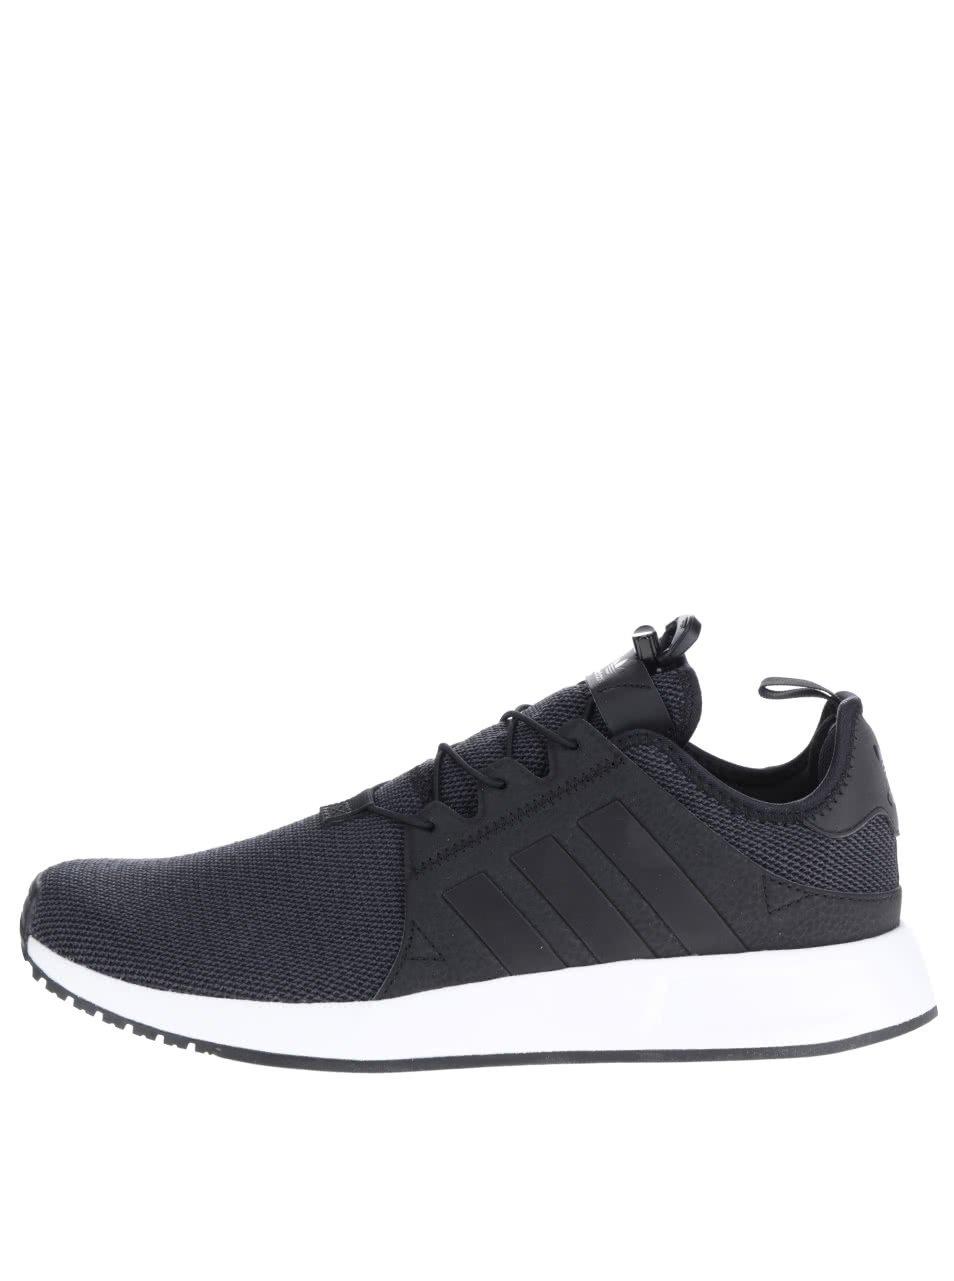 Černé pánské tenisky adidas Originals X